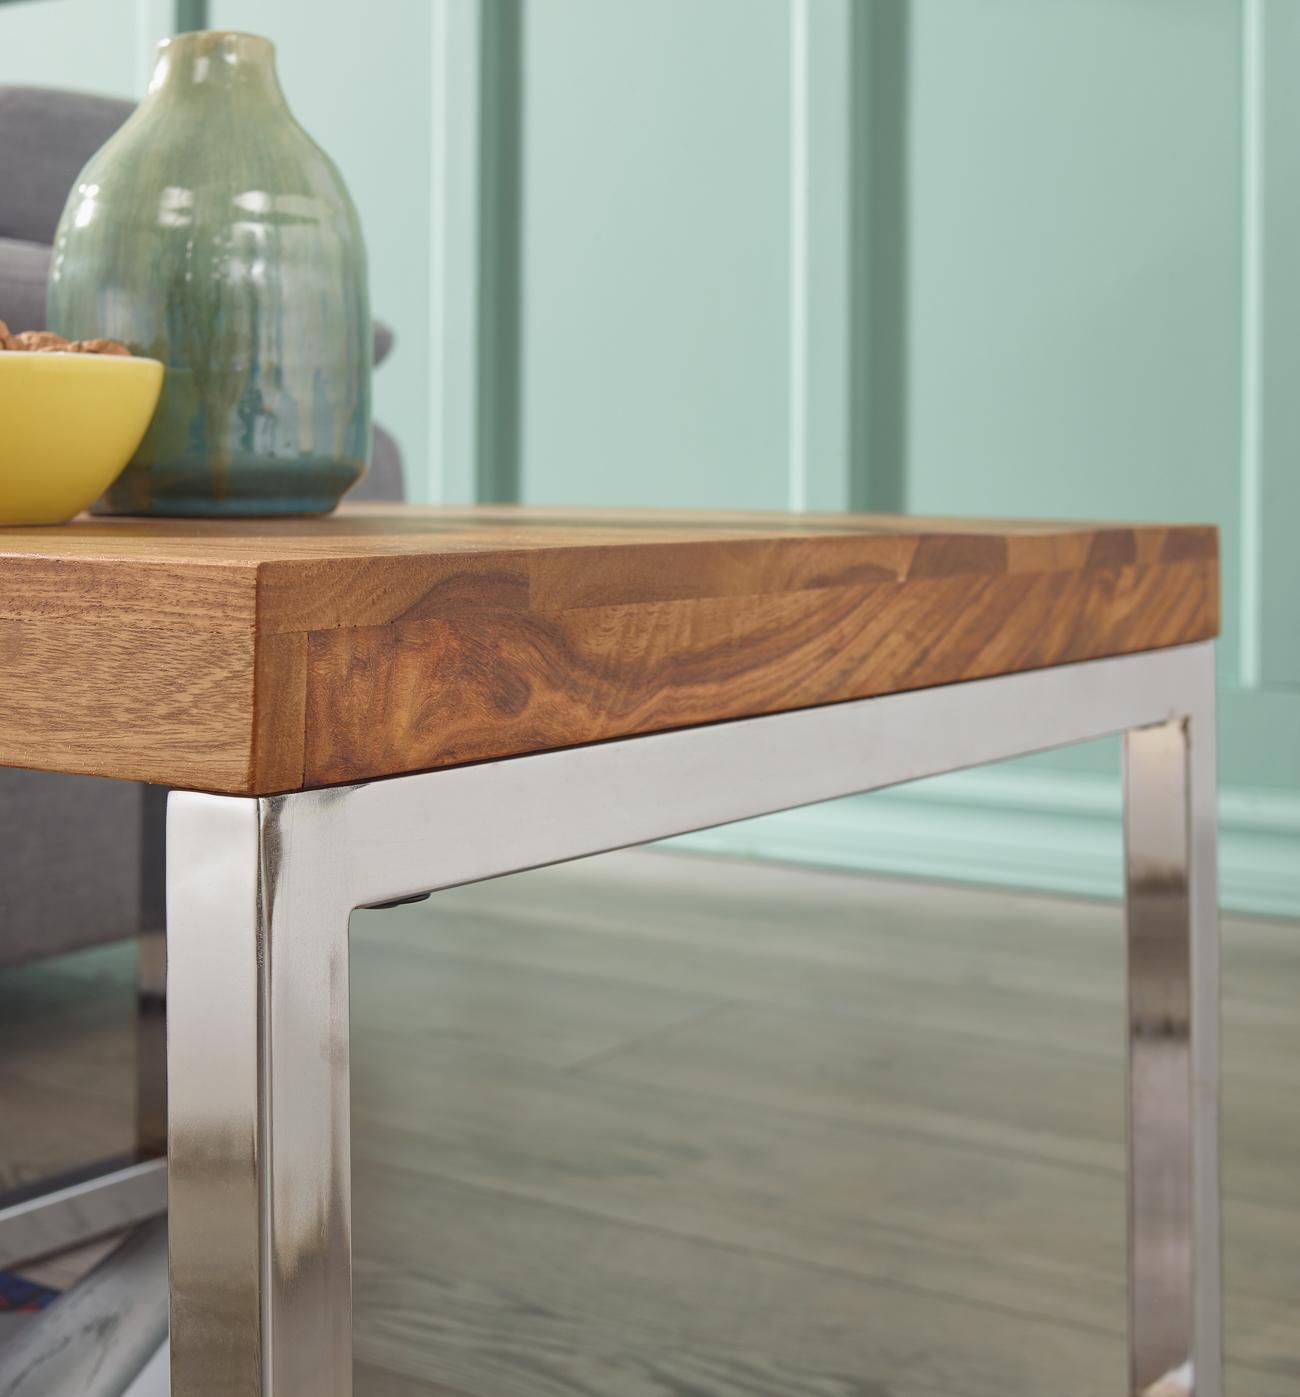 finebuy beistelltisch massiv holz sheesham wohnzimmer tisch mit metallgestell landhaus stil. Black Bedroom Furniture Sets. Home Design Ideas